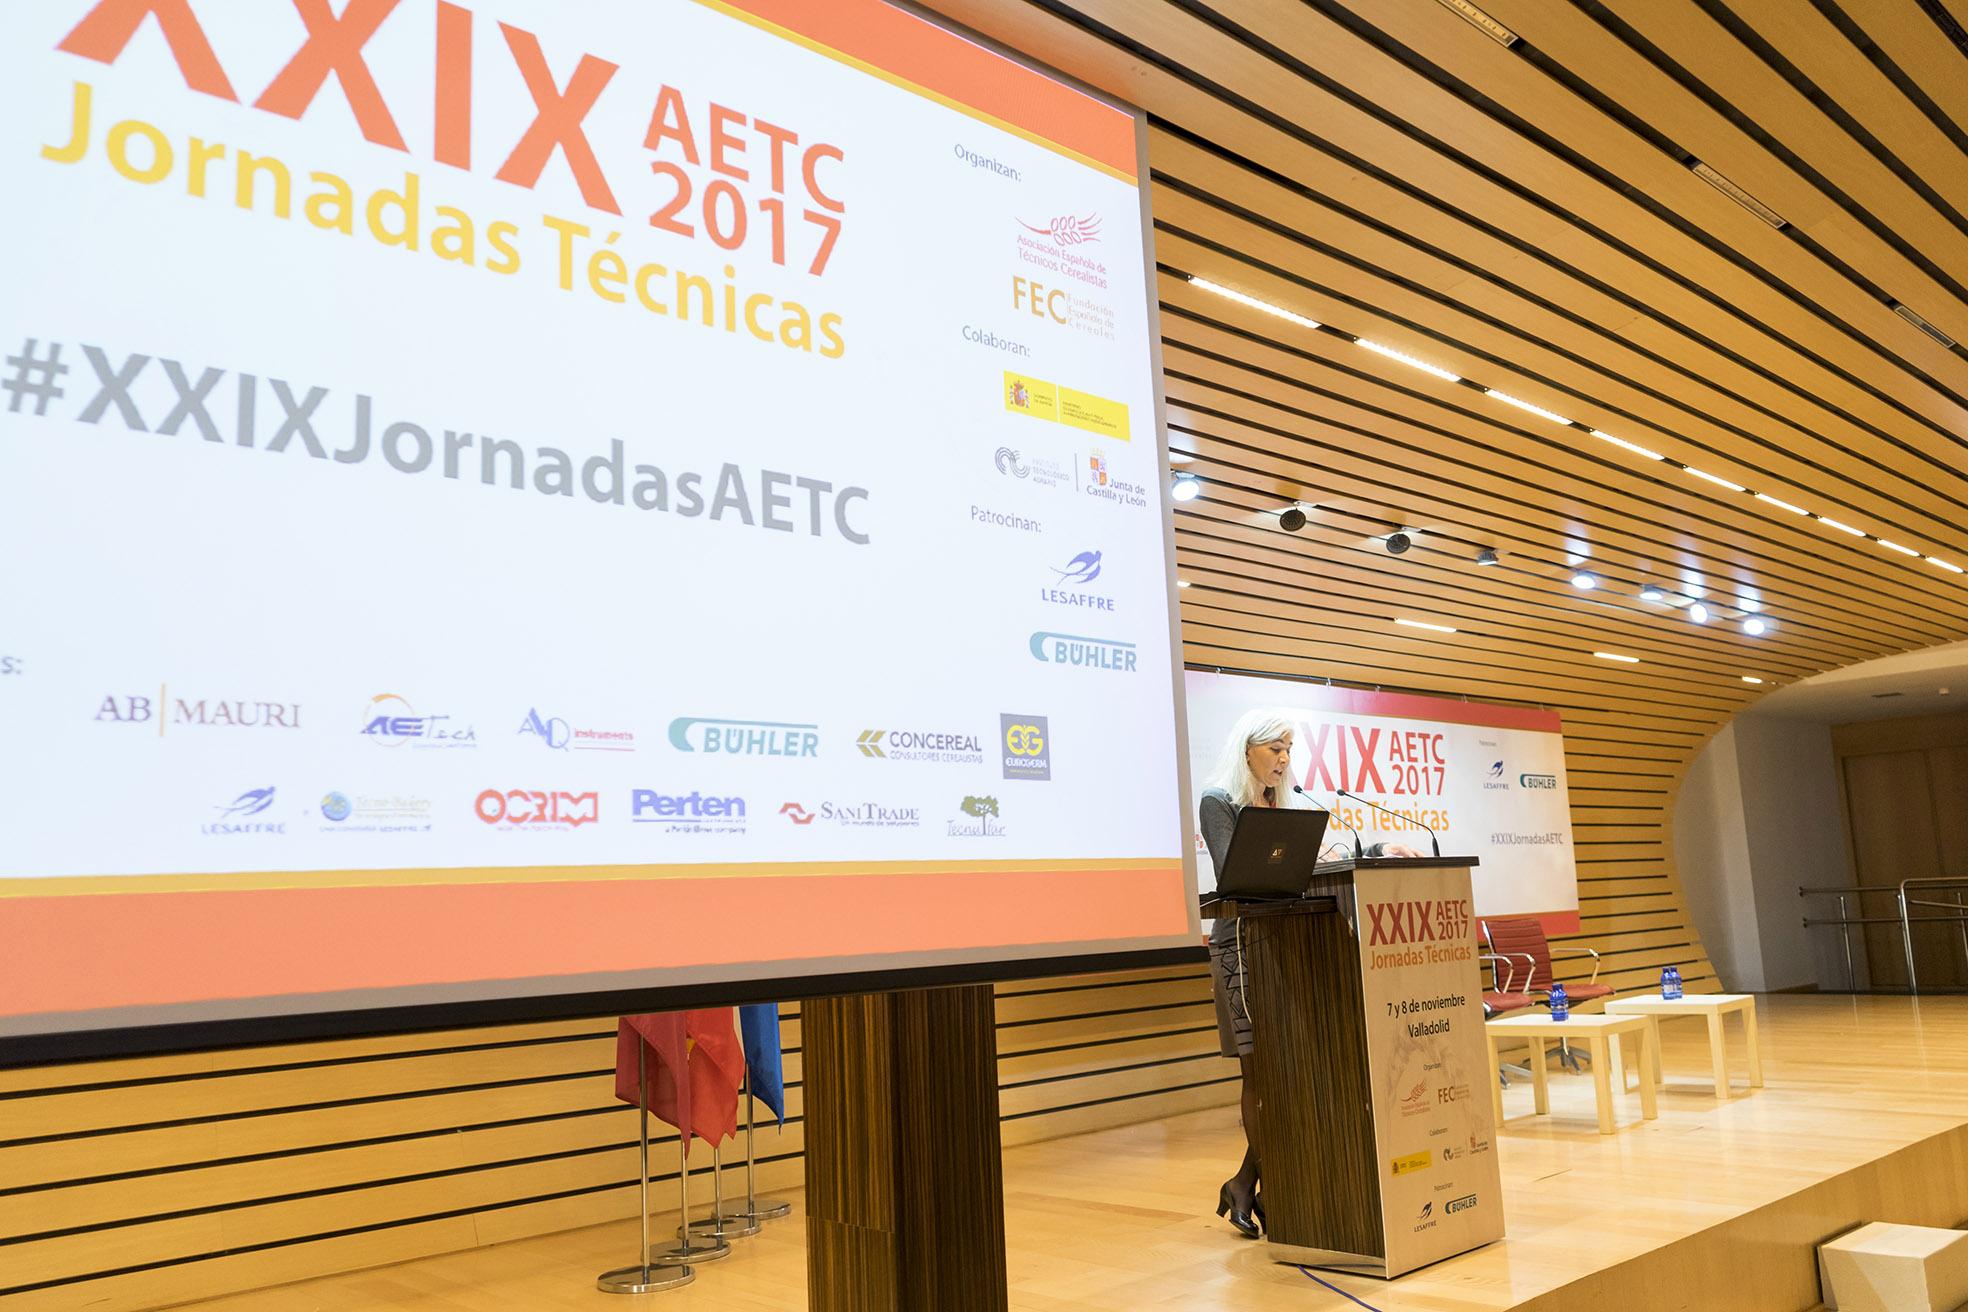 JORNADAS AETC- ROCIOMARTIN-56 (2)